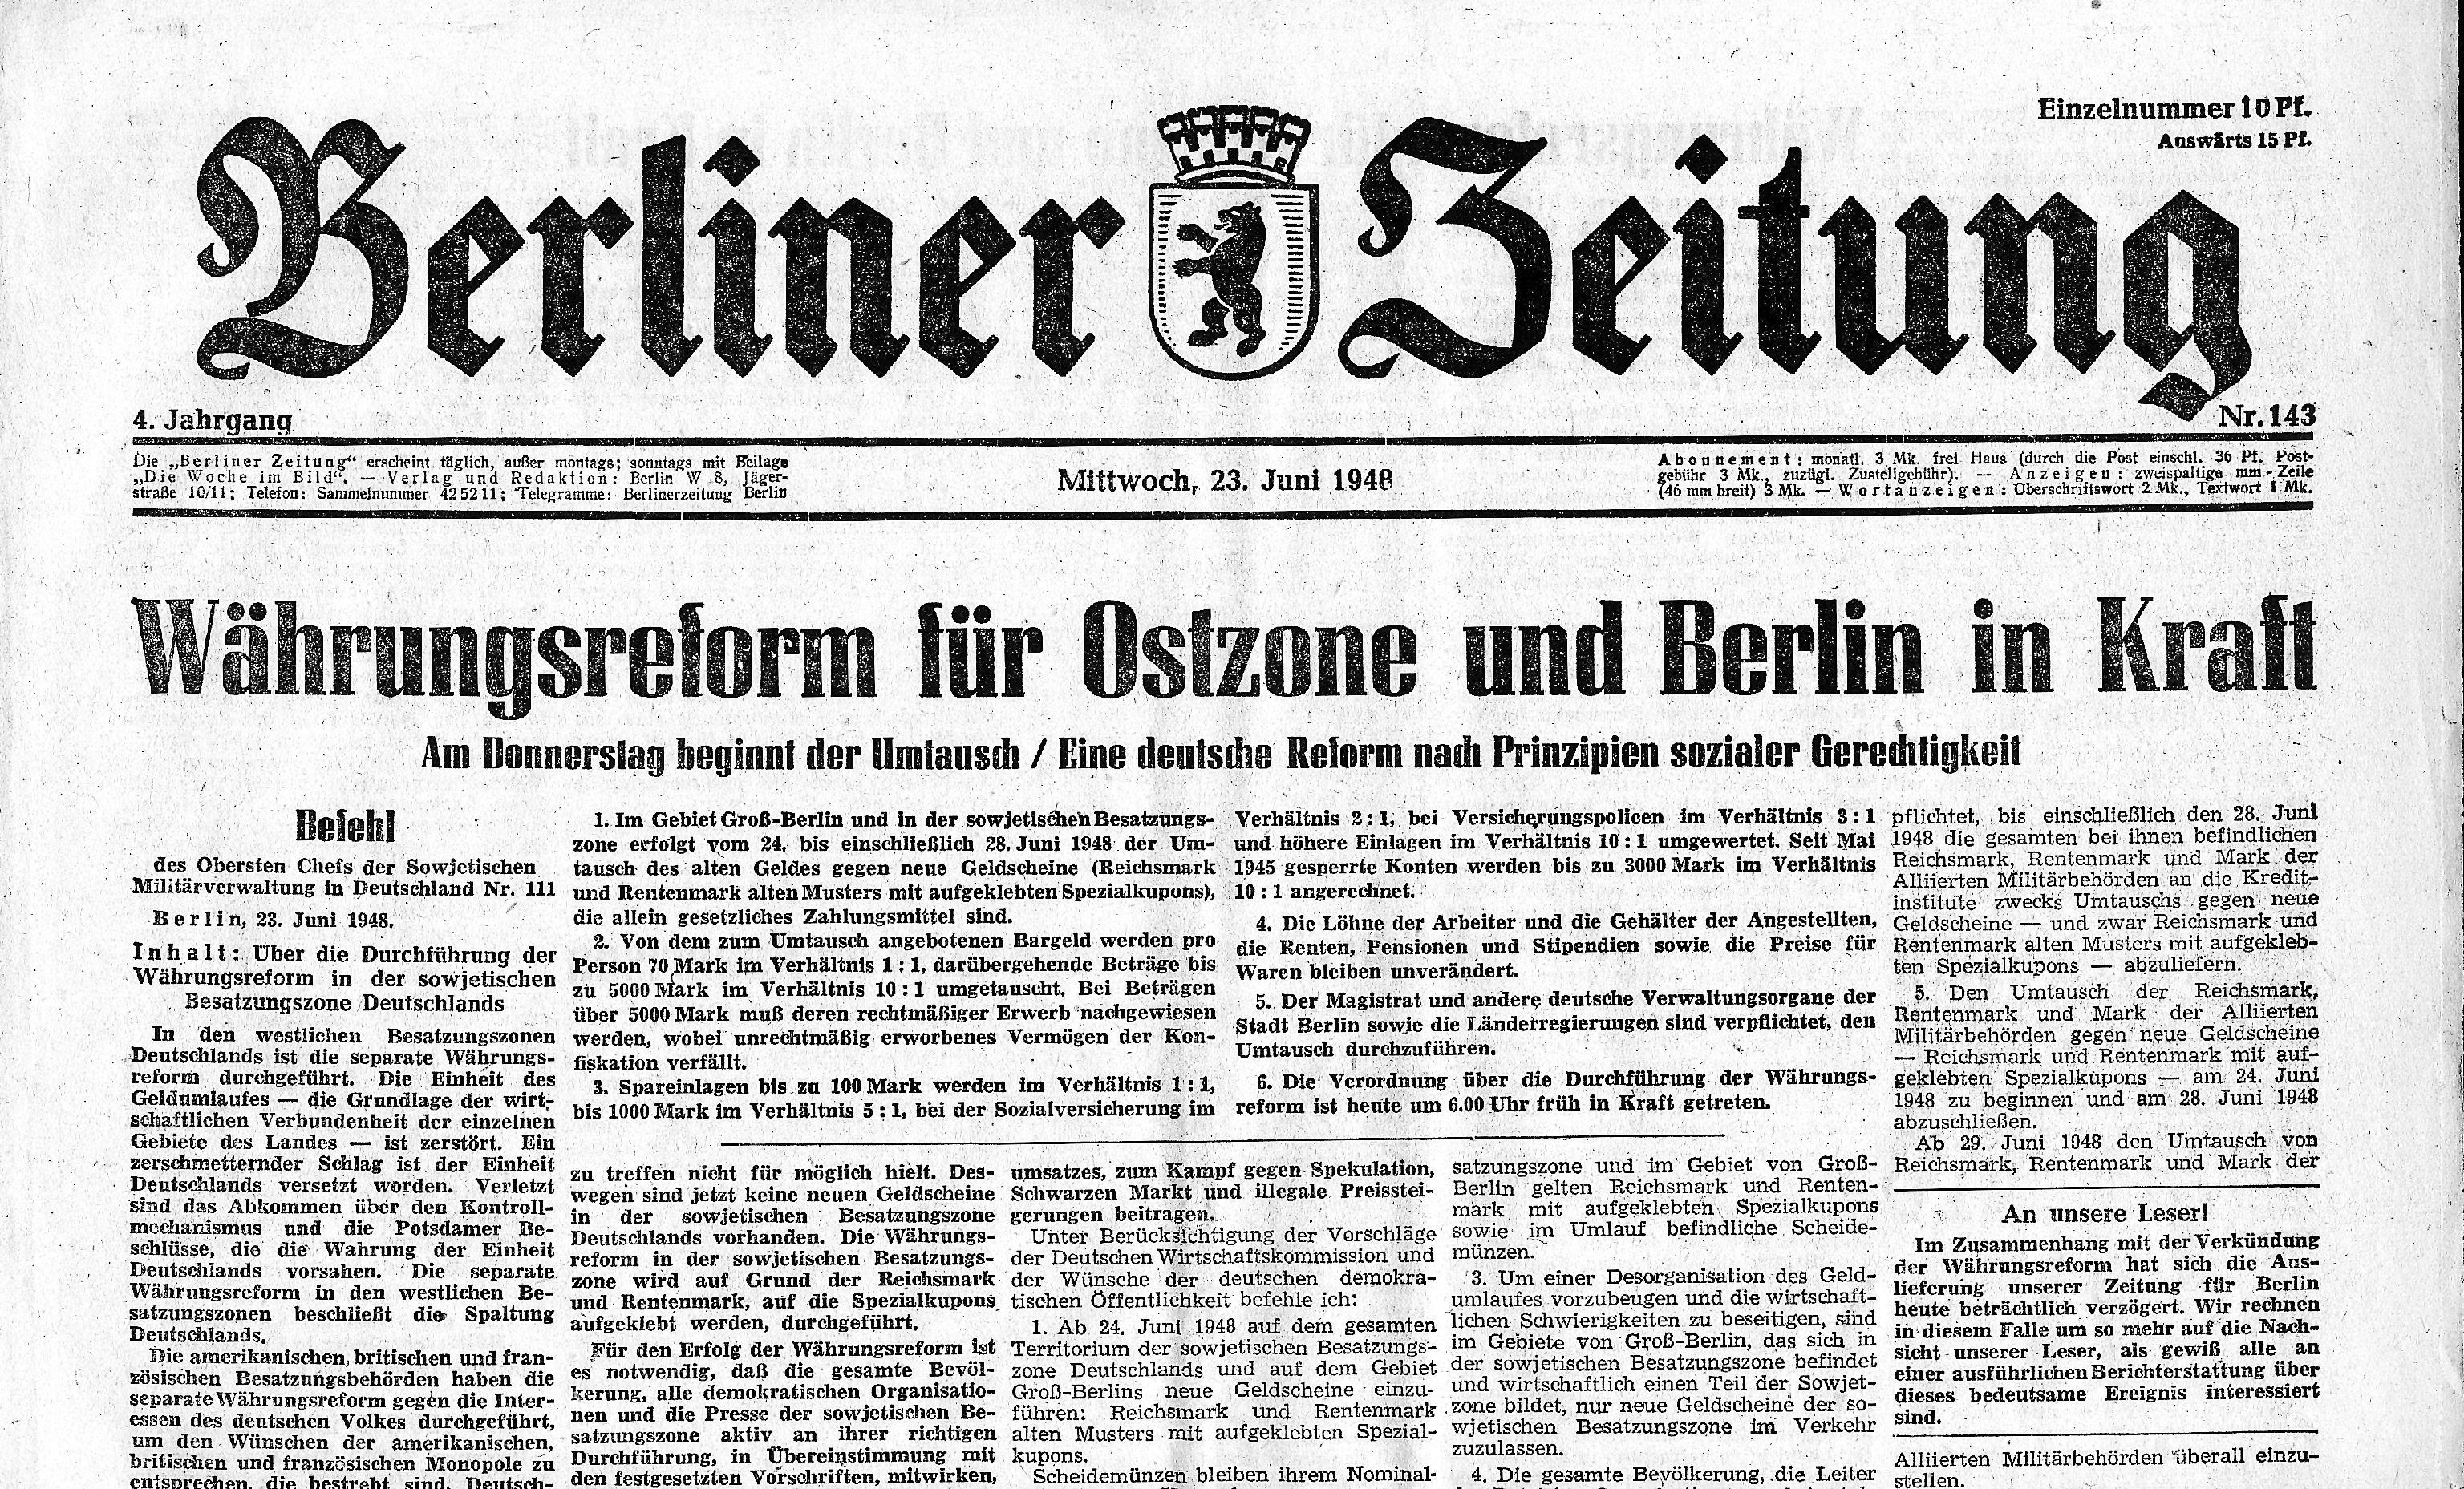 Die Berliner Zeitung